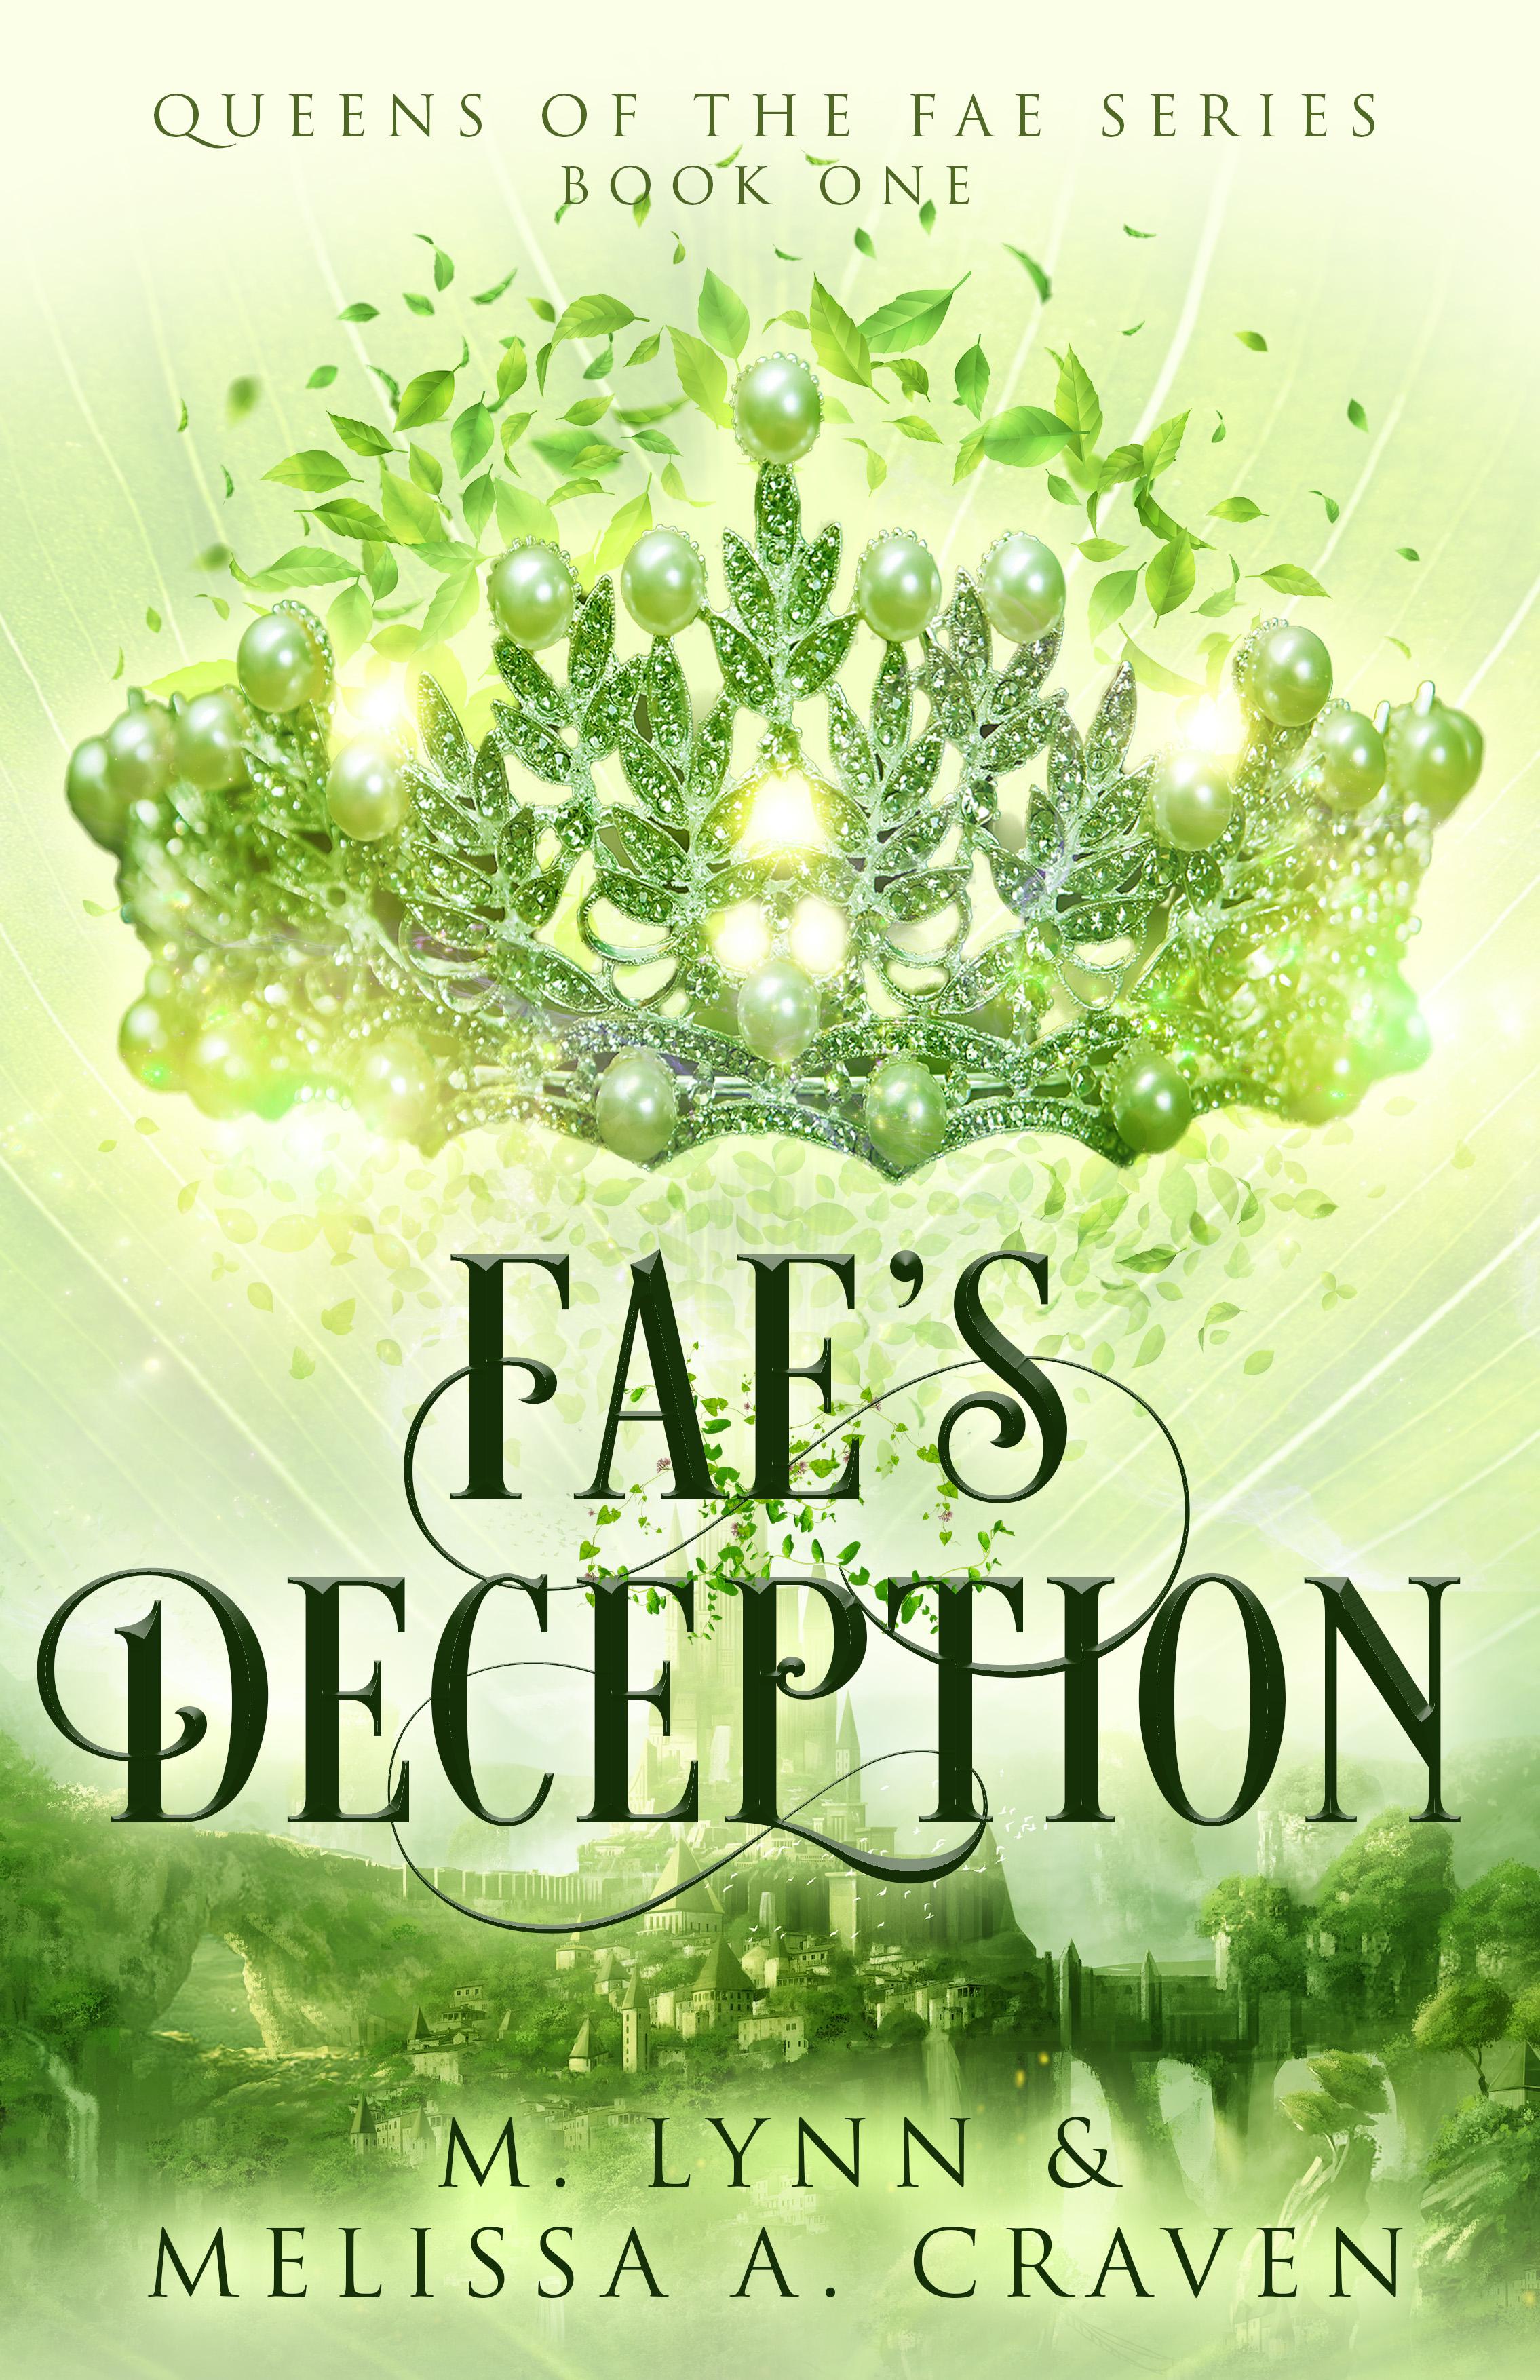 Faes Deception - M. Lynn